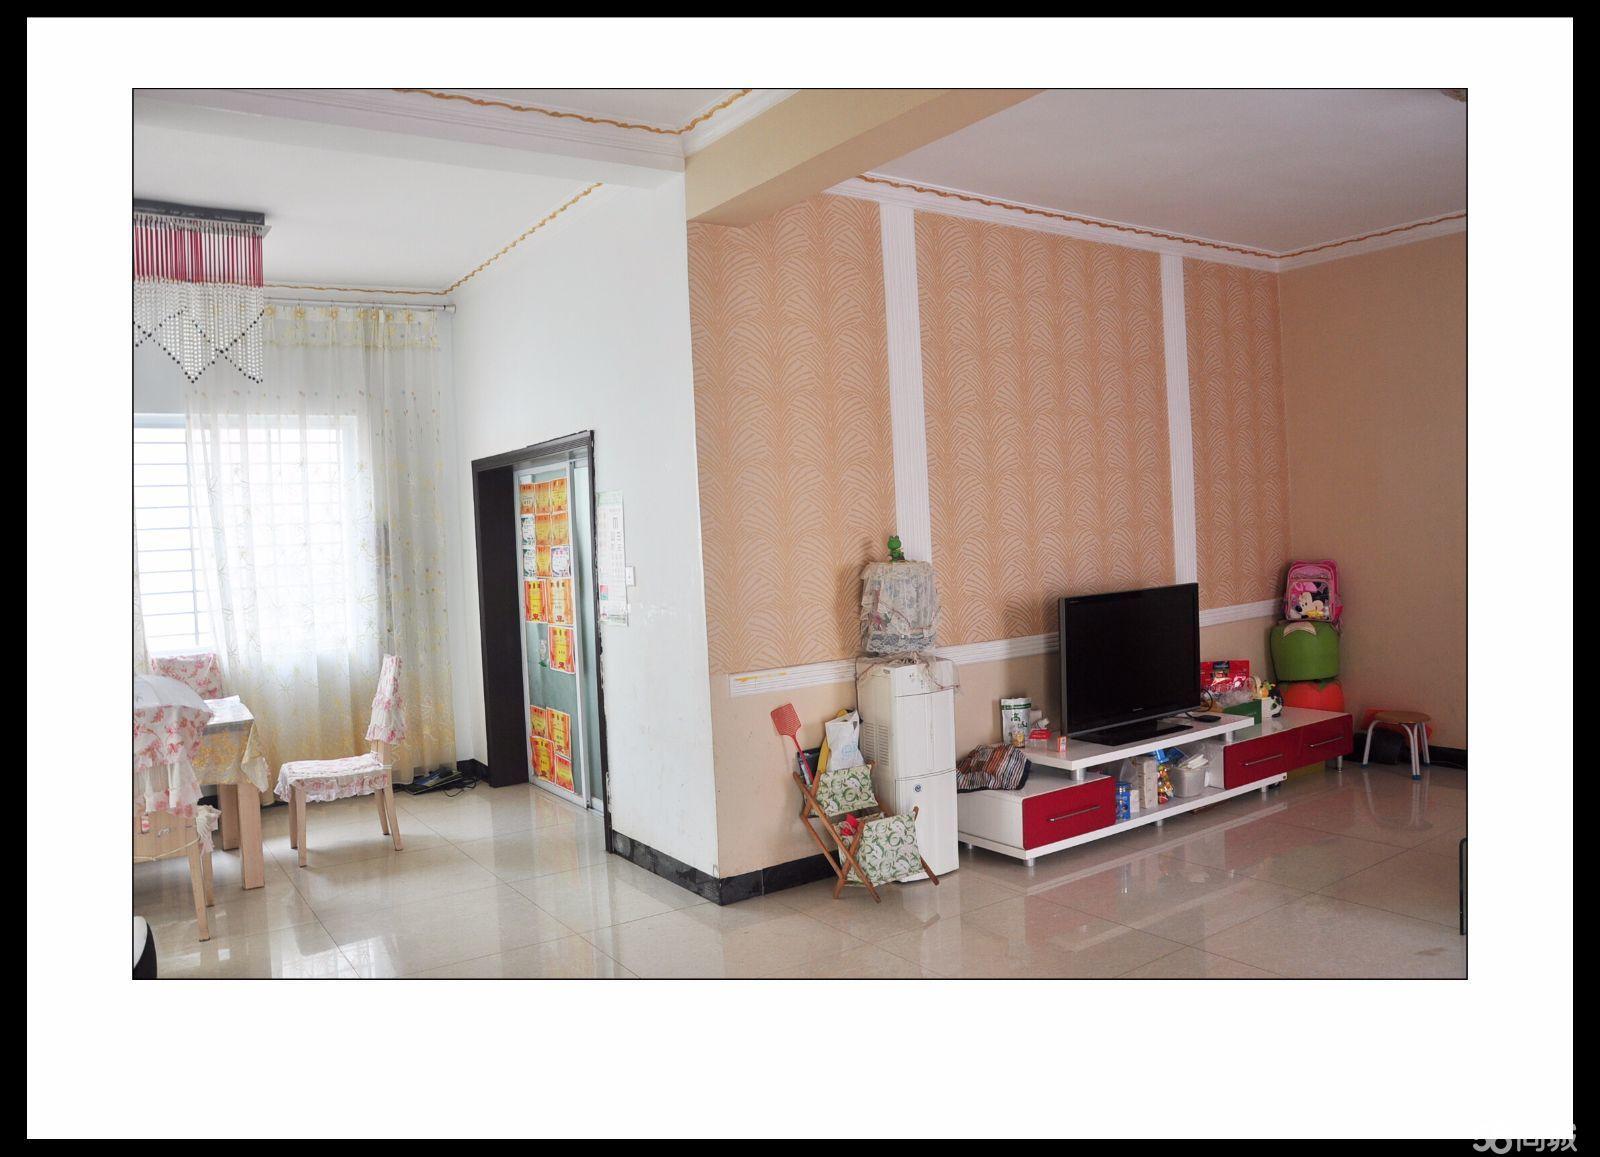 澳门拉斯维加斯赌场馨怡花园4室2厅4卫220.39平米